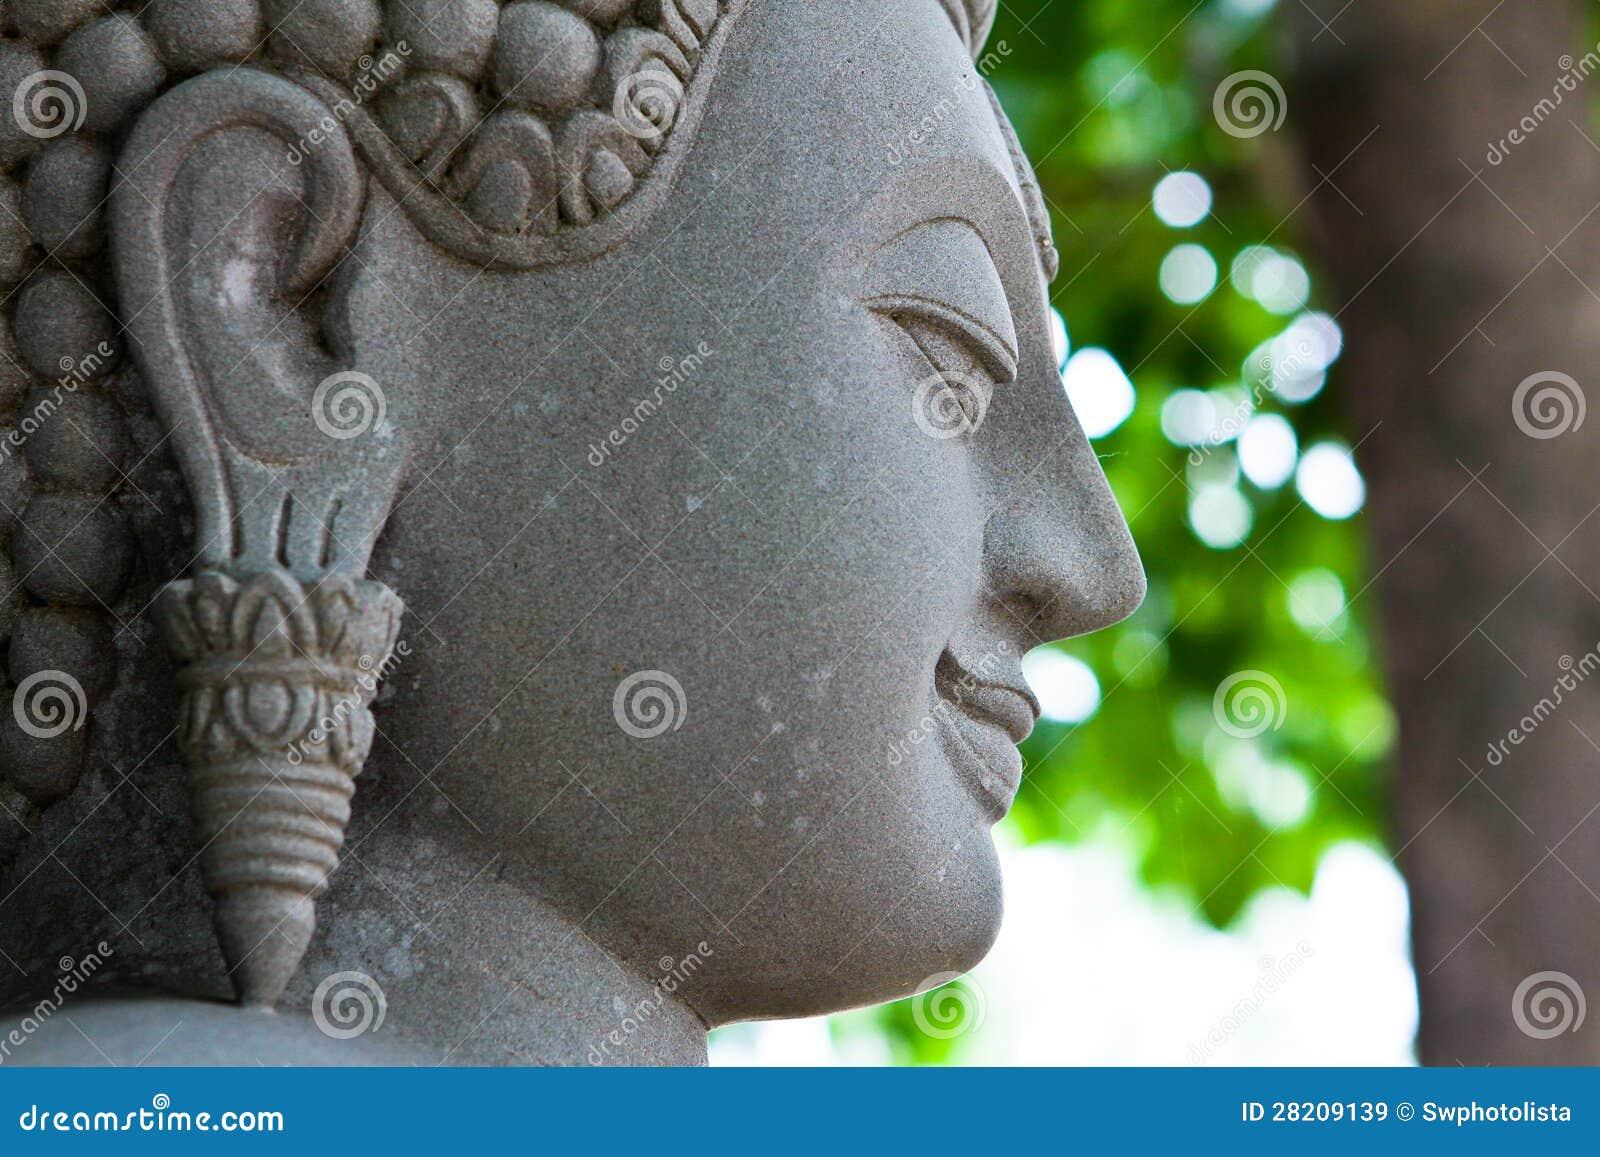 Buddha vänder mot snidit i sten.